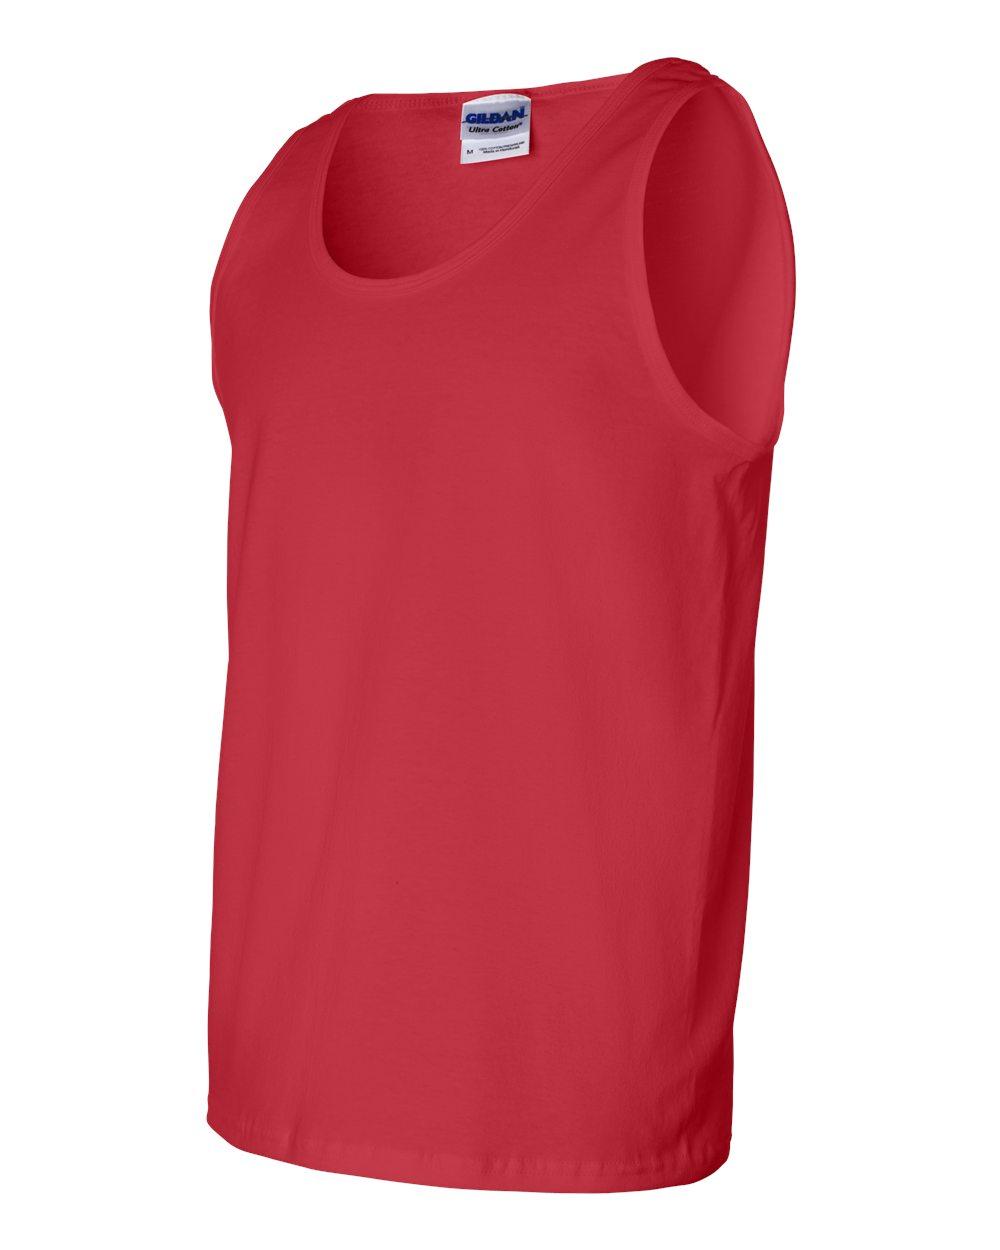 247707c2f77 Gildan Ultra Cotton Adult Tank Top-Shirt-Item #2200 – Big Bear ...